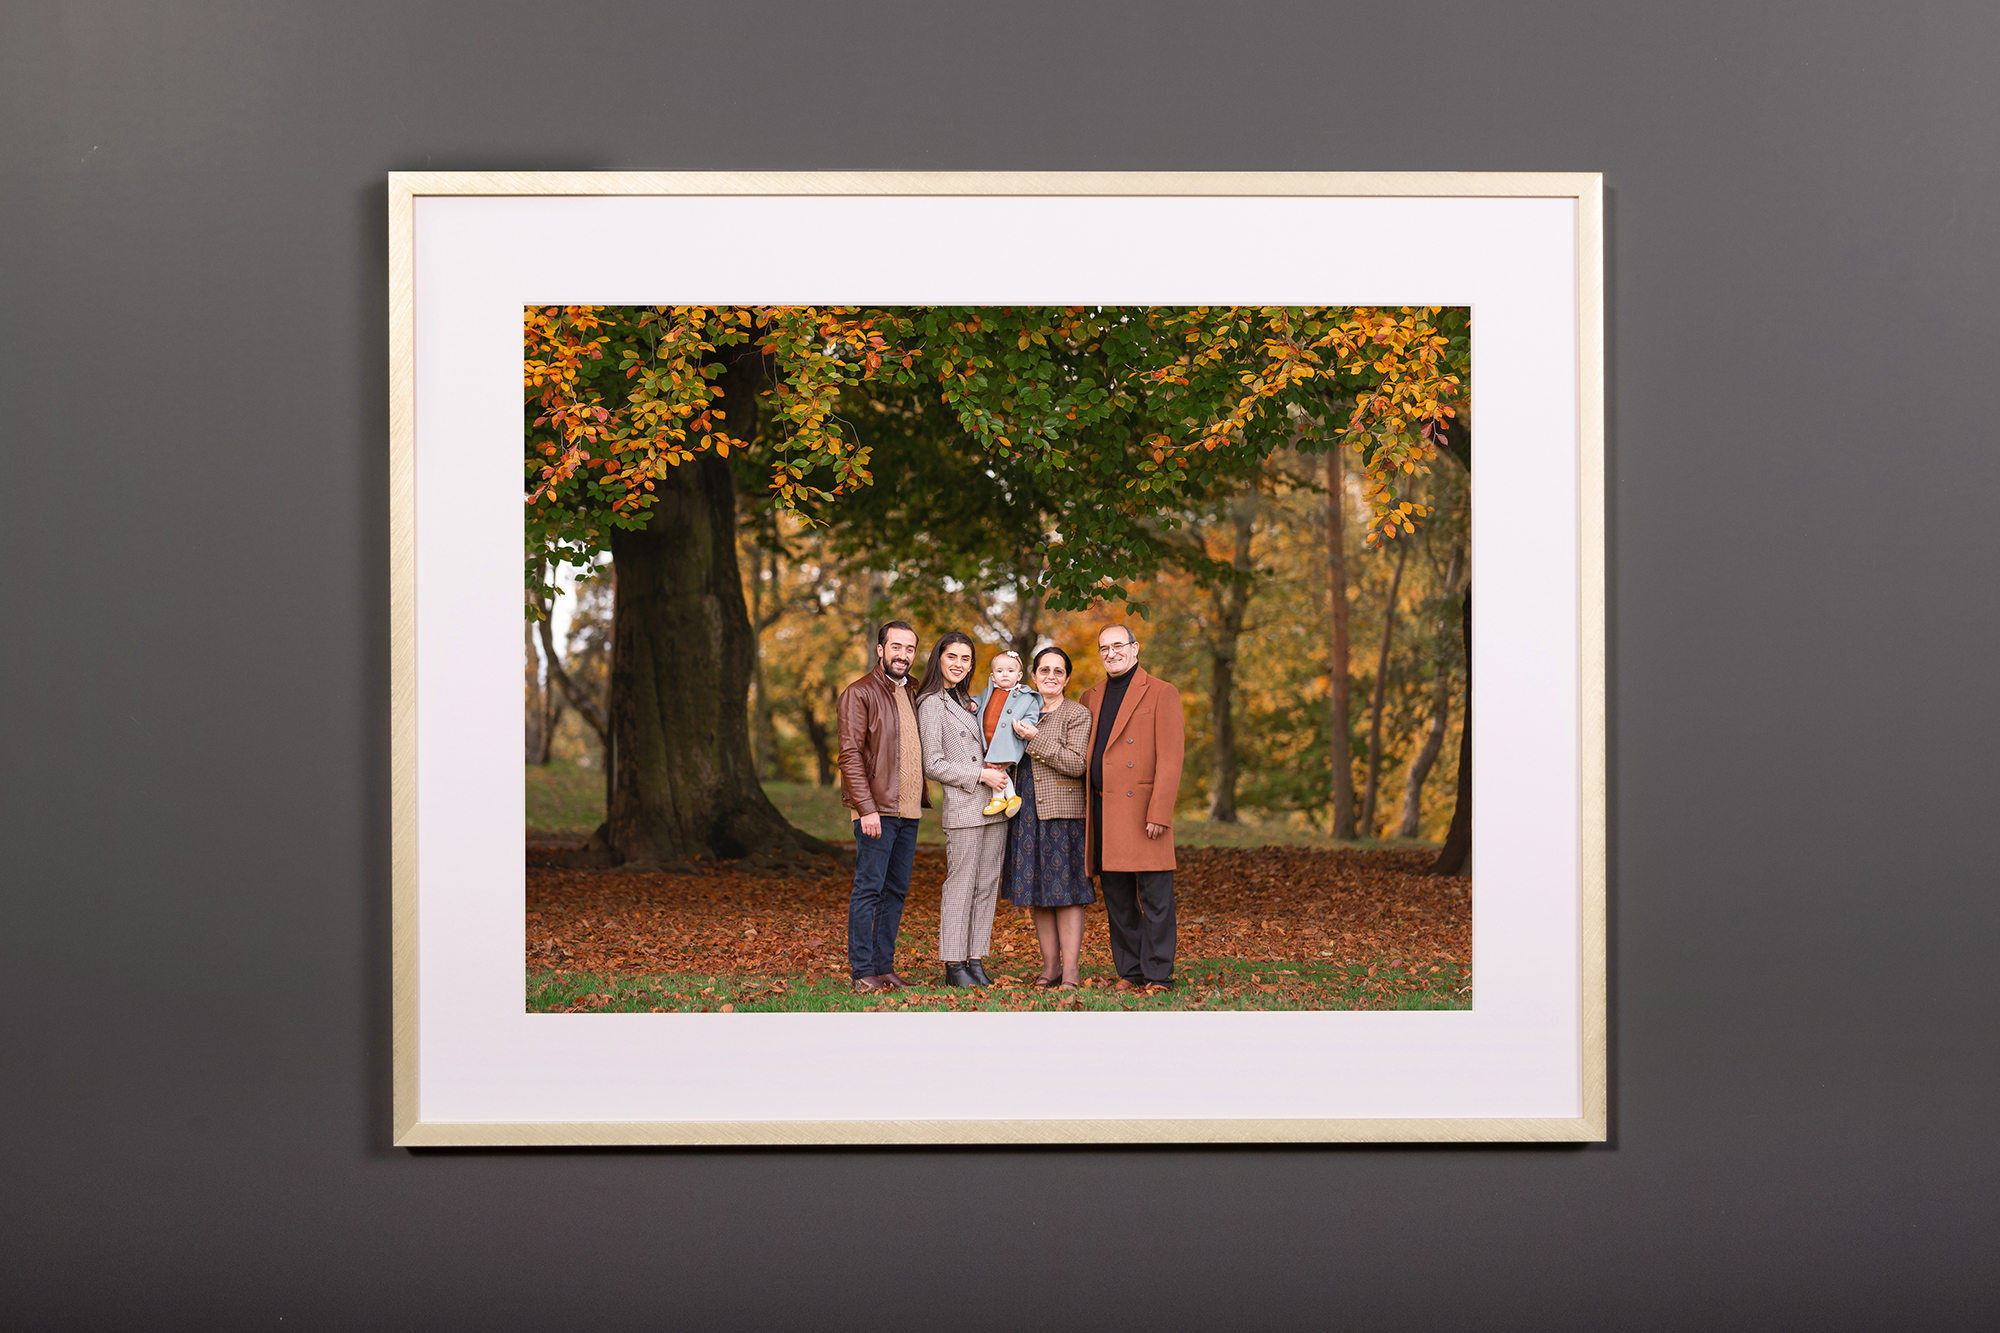 wall art - metal frame gold 2